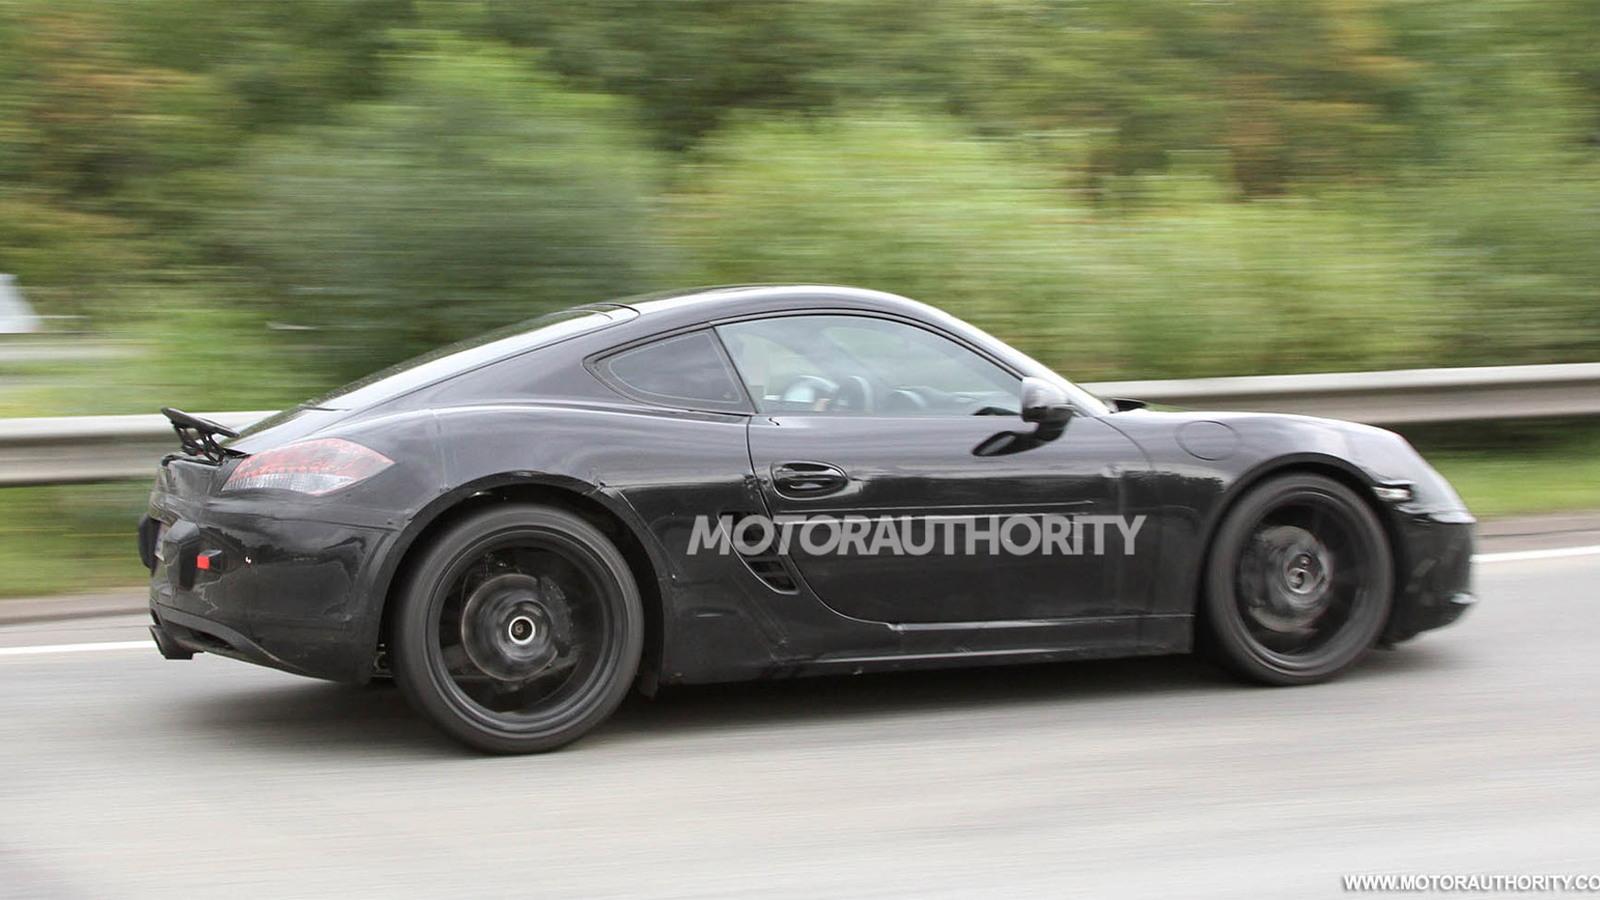 2013 Porsche Cayman spy shots